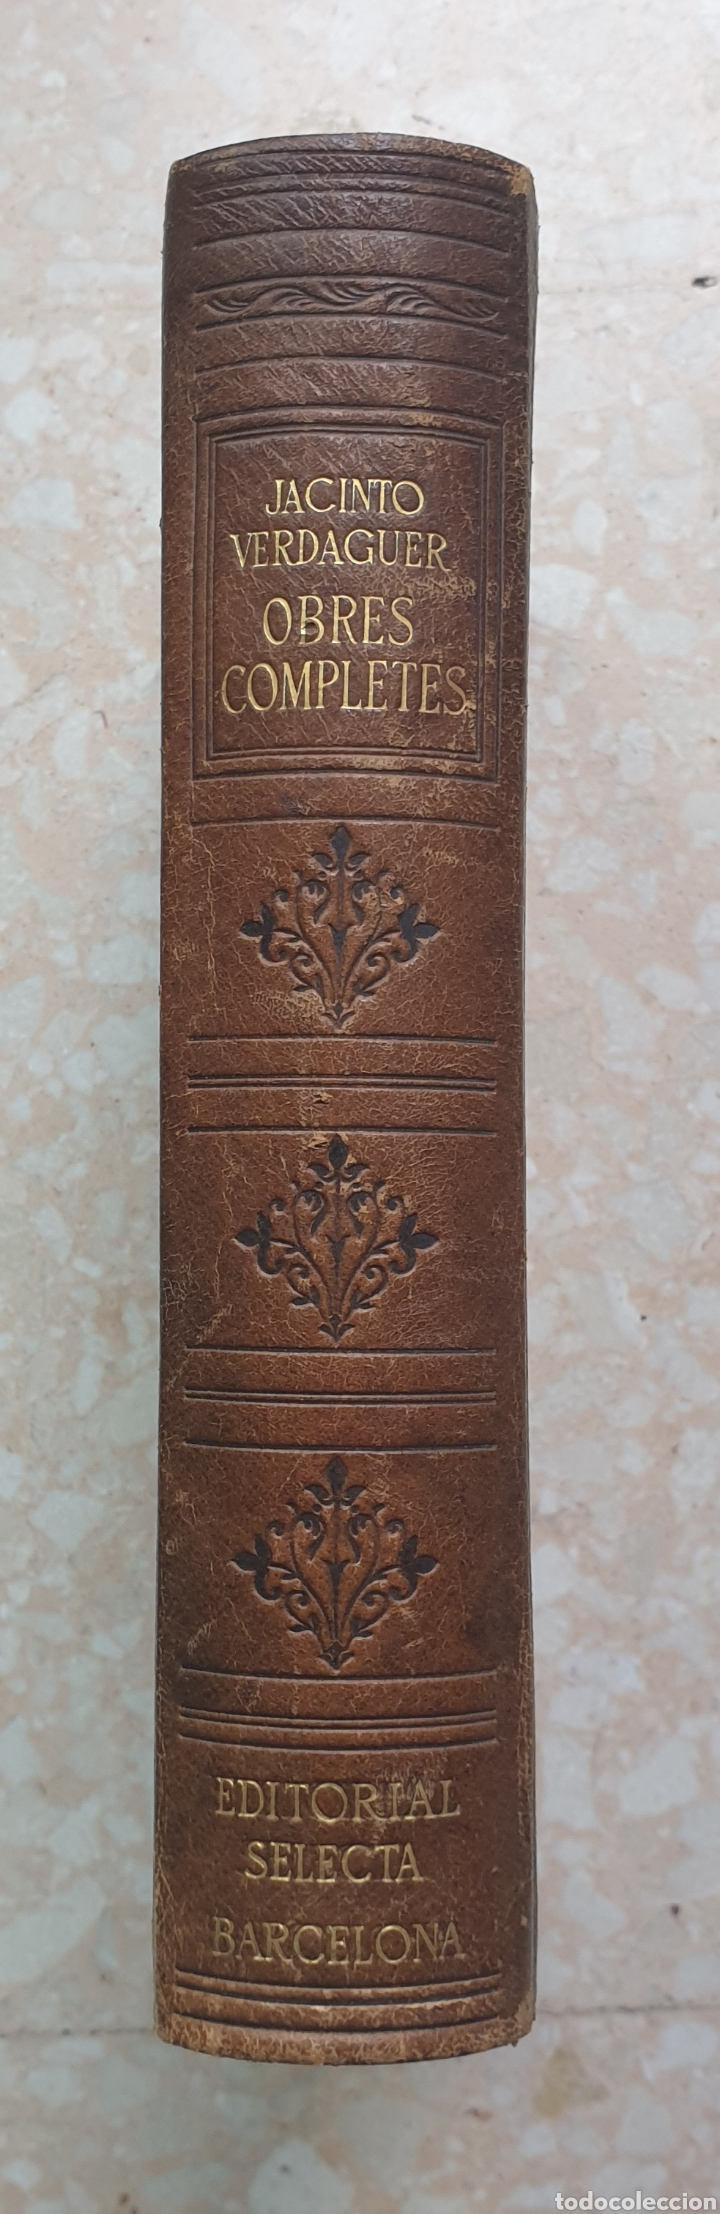 OBRES COMPLETES JACINTO VERDAGUER BIBLIOTECA PERENNE 1946 EN CATALÁN (Libros de Segunda Mano (posteriores a 1936) - Literatura - Poesía)